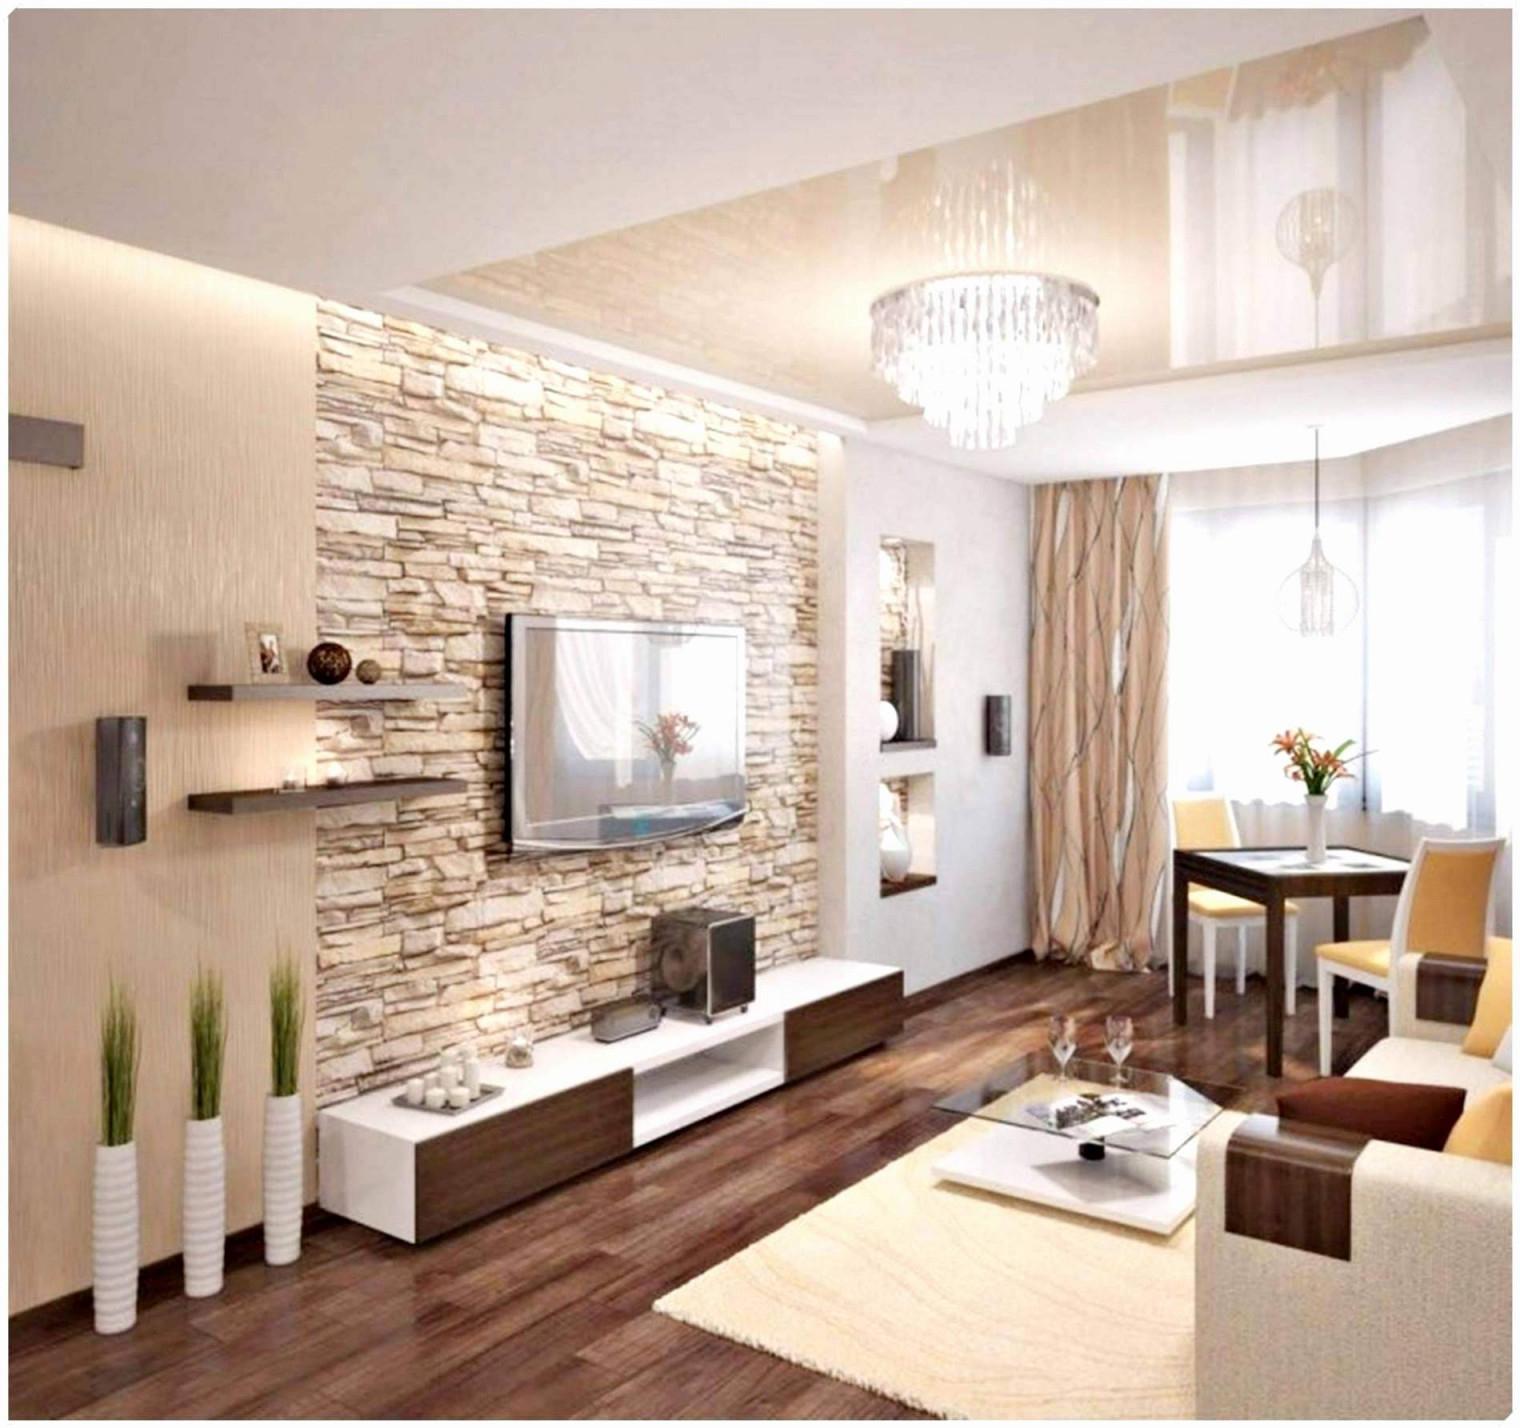 36 Neu Wandgestaltung Wohnzimmer Farbe Schön  Wohnzimmer Frisch von Wandgestaltung Wohnzimmer Ideen Bild